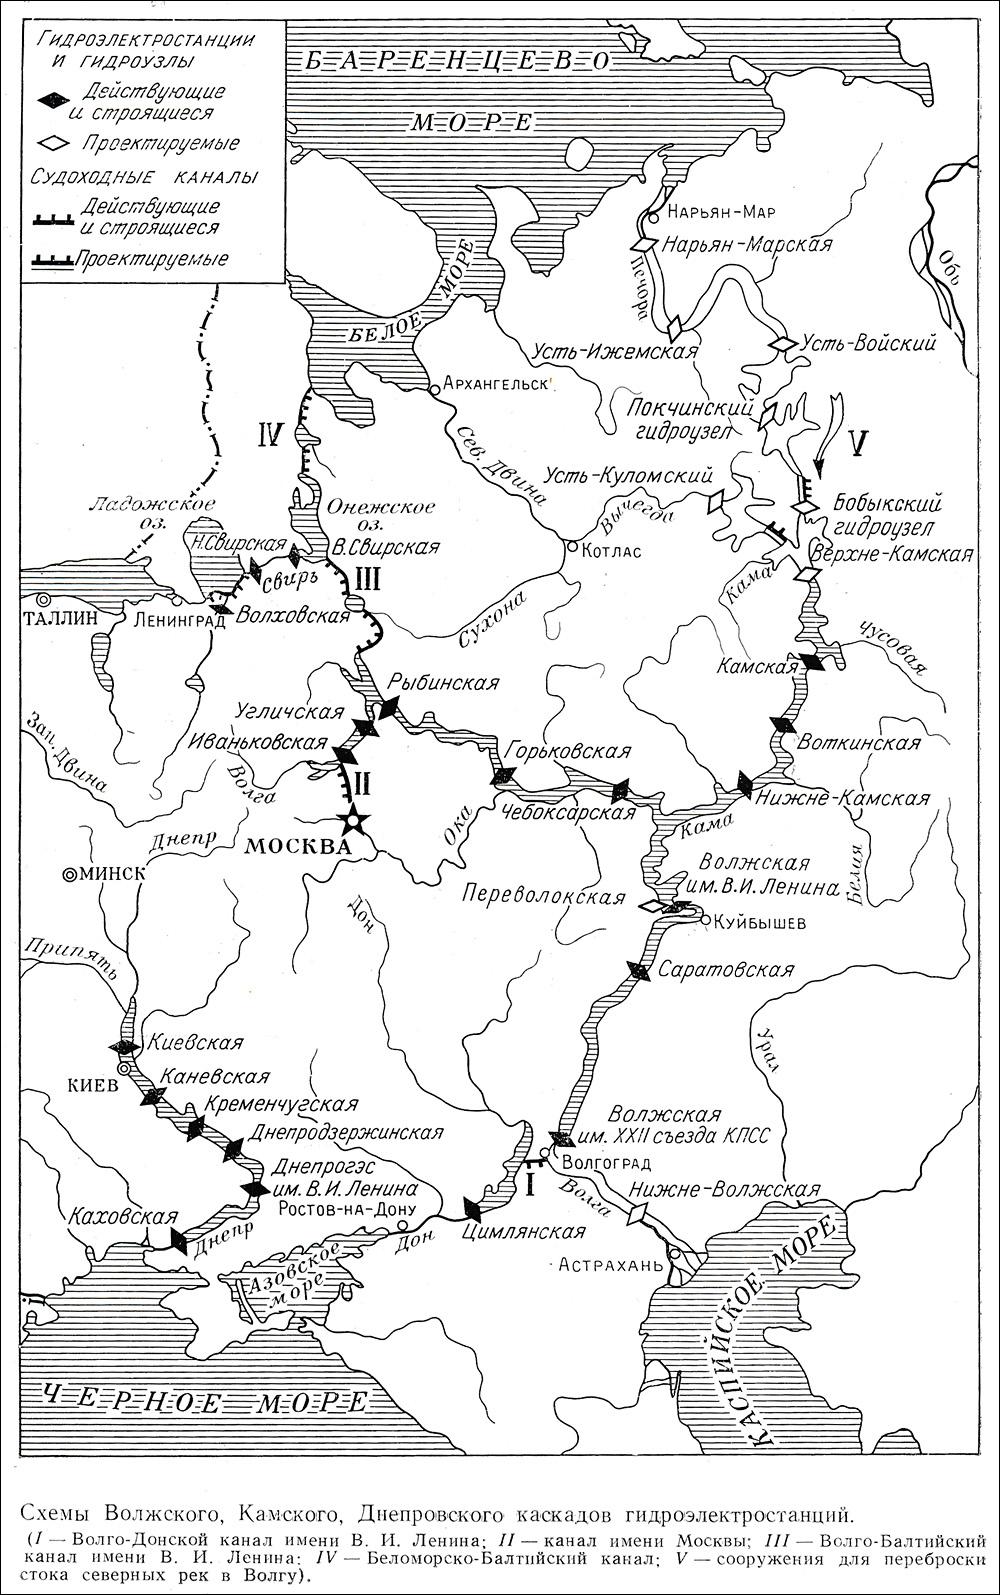 Проекты развития ЕГС в 1960-е гг.